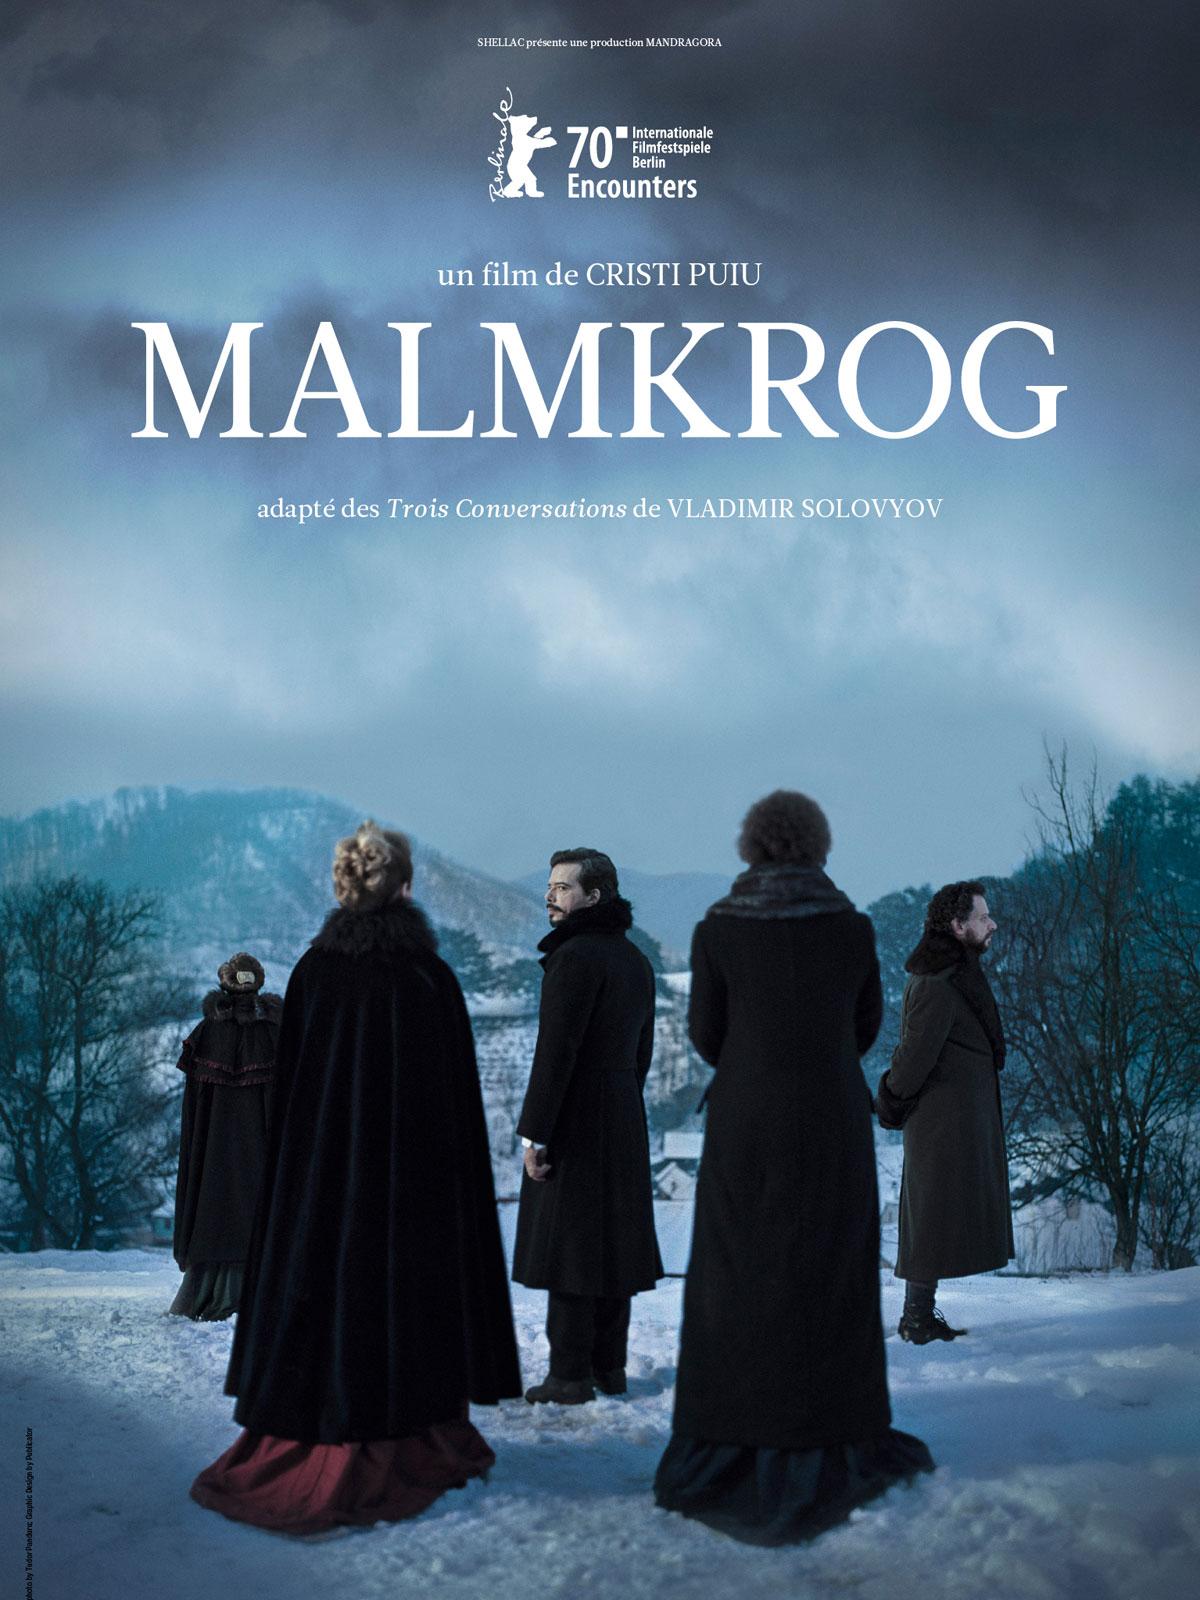 MALMKROG